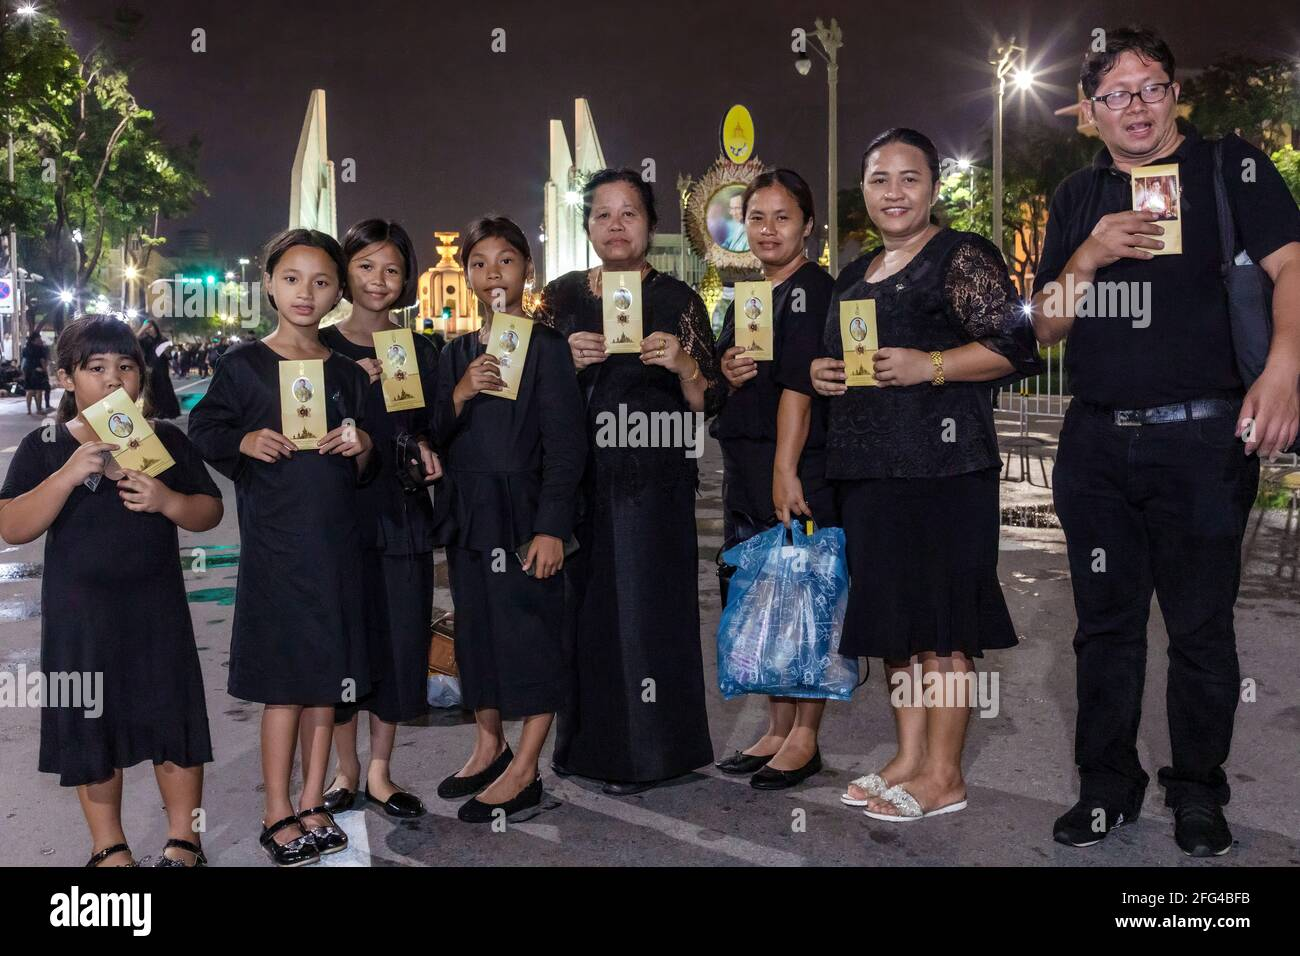 Famille de amateurs avec photo du roi Bhumibol, Rama IX, Bangkok, Thaïlande Banque D'Images